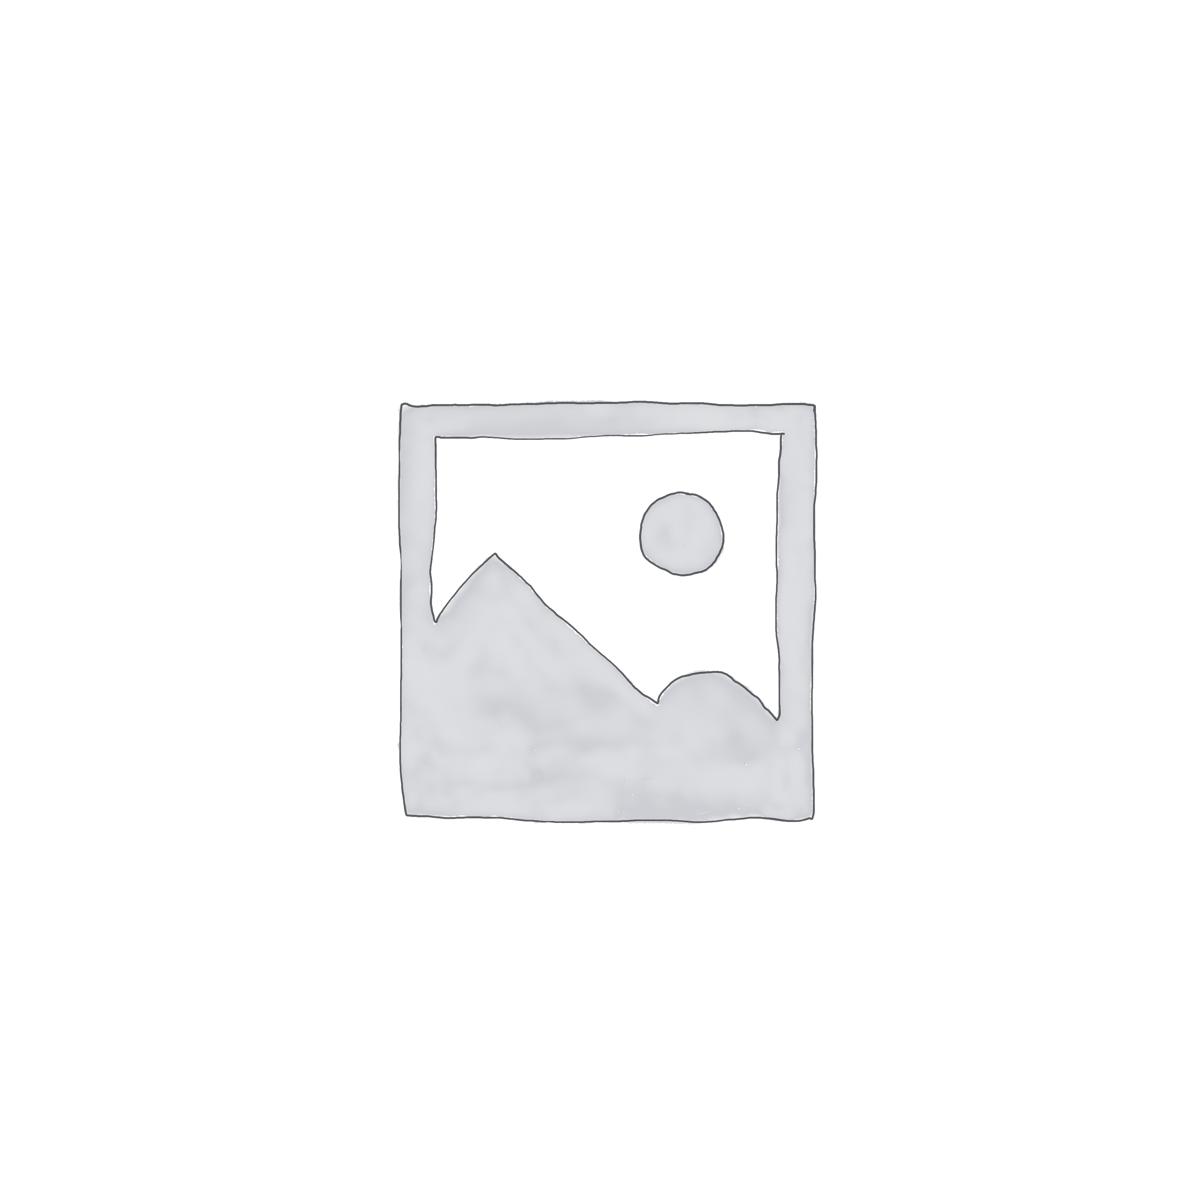 Bamboo Forest Wallpaper Mural